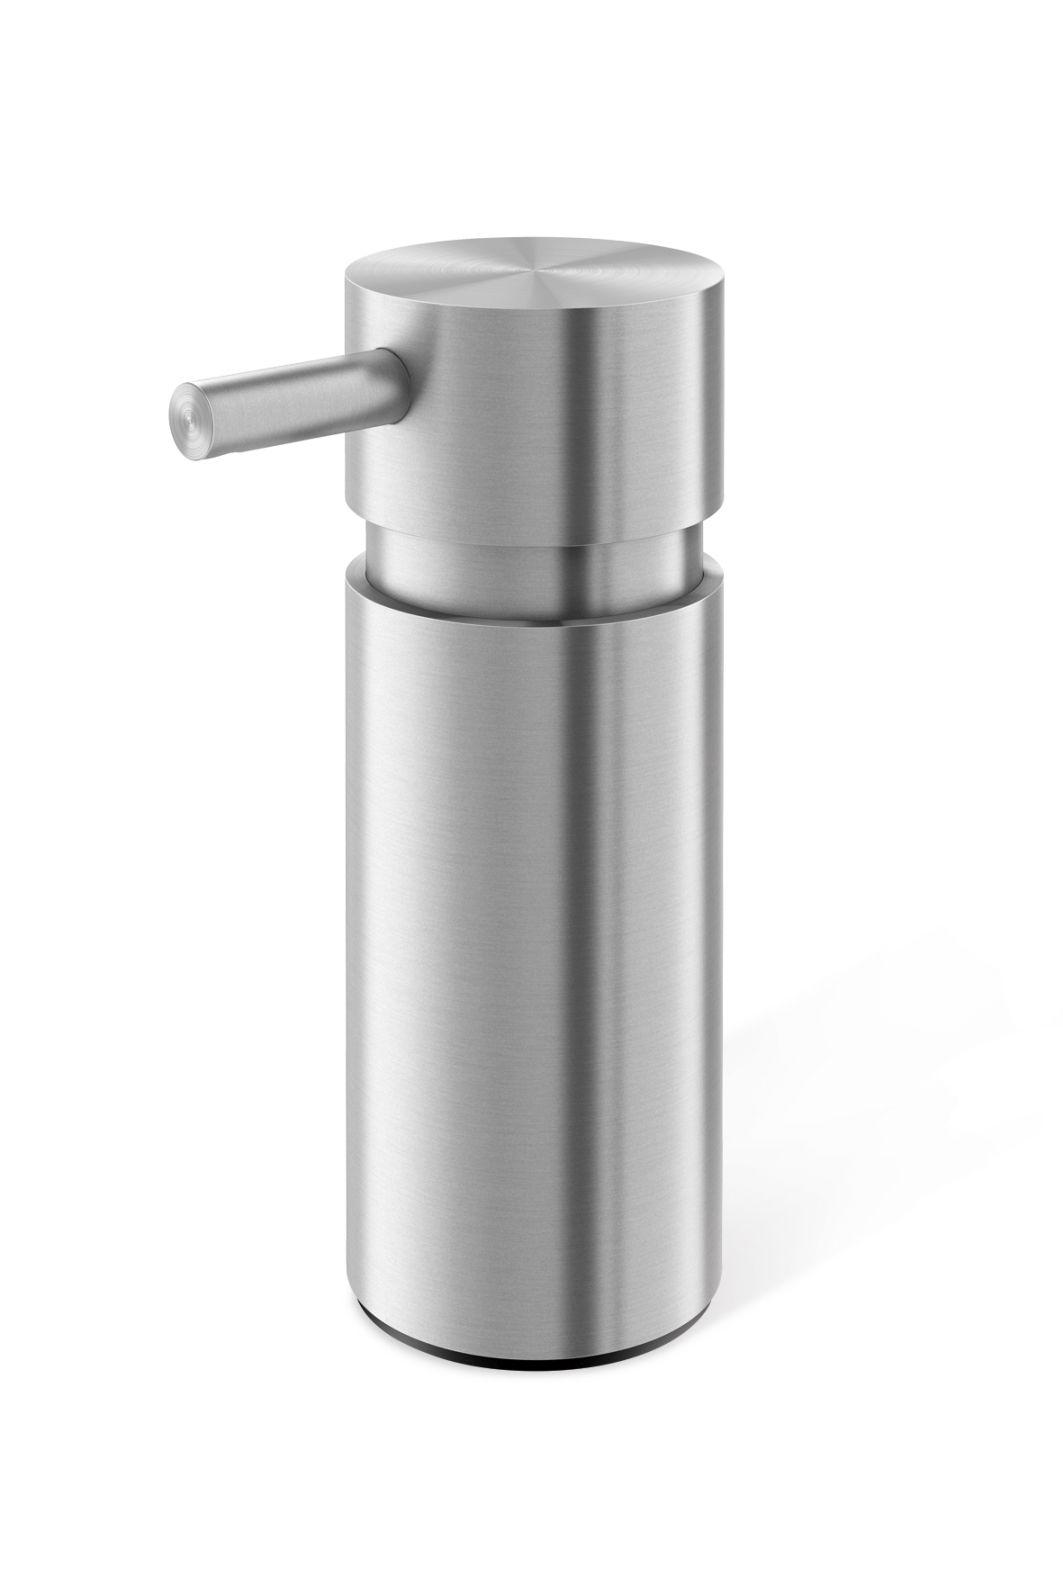 Dávkovač na mýdlo MANOLA 130 ml, volně stojící - ZACK